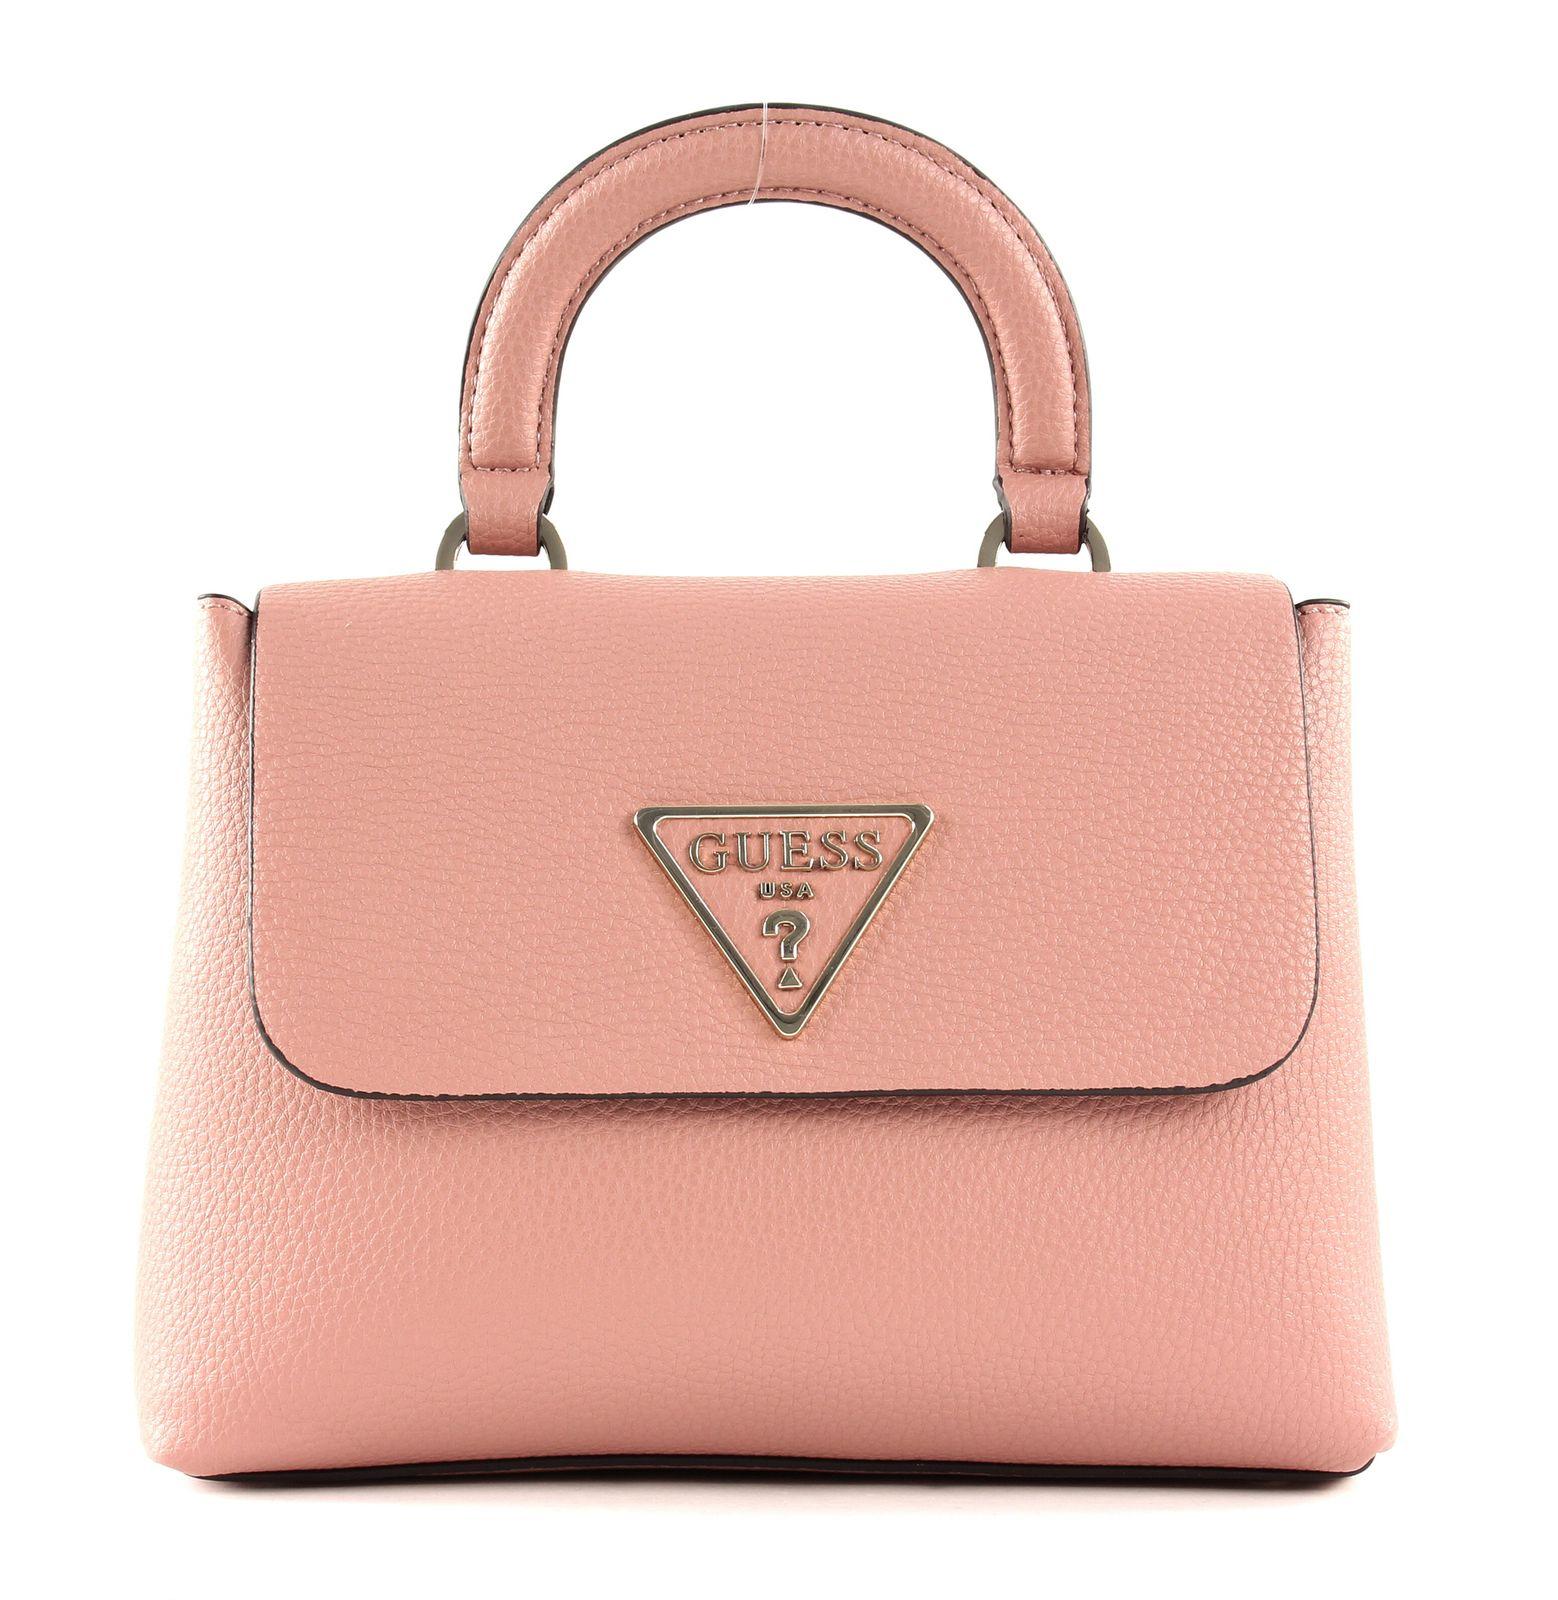 Details zu GUESS Aretha Top Handle Flap Handtasche Schultertasche Tasche Rosewood Rosa